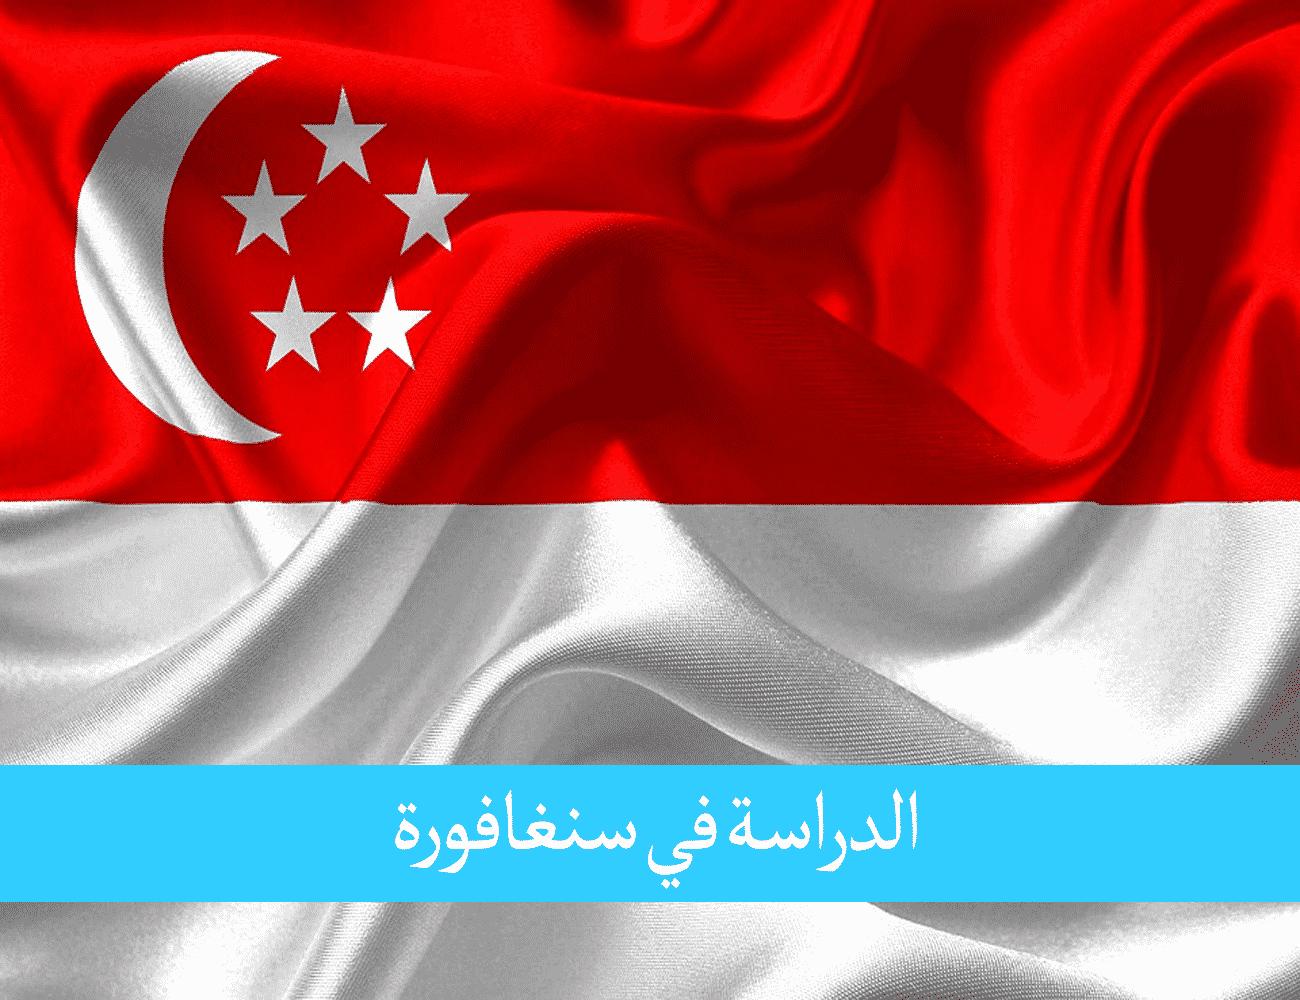 الدراسة في سنغافورة للمغاربة مدخل حياة مهنية في أسواق آسيا